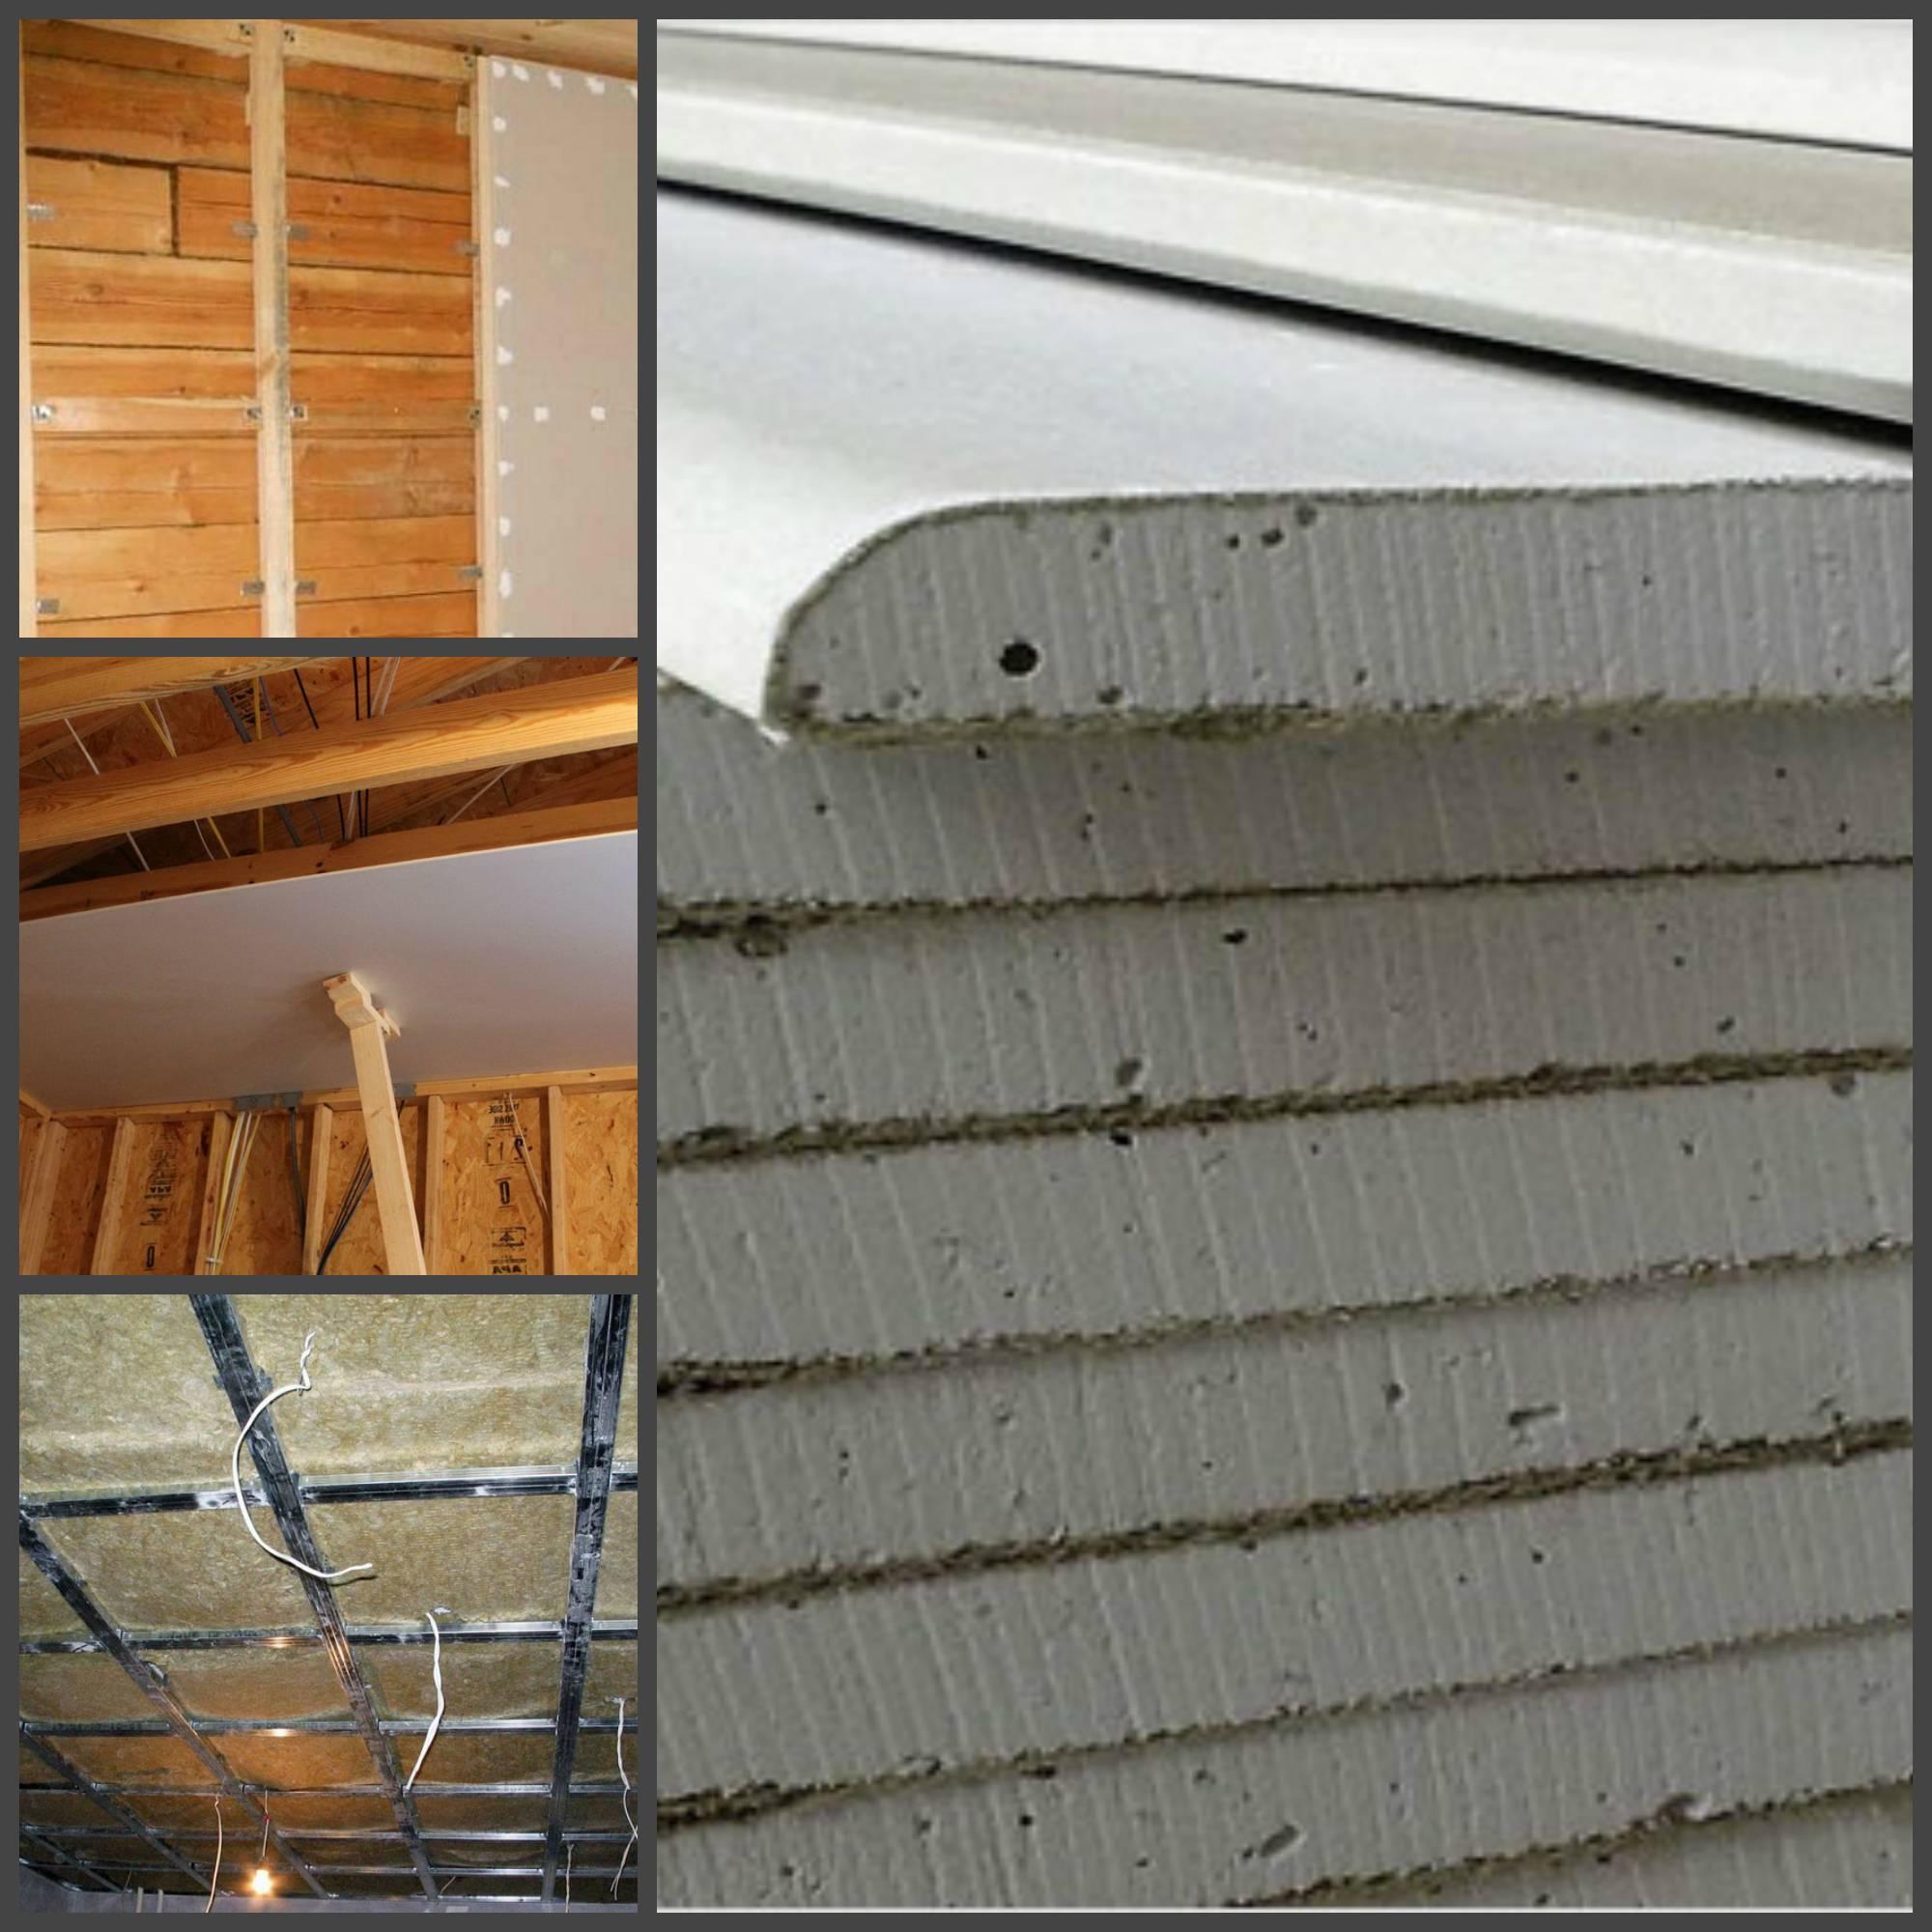 Обшивка стен каркасного дома внутренняя и наружная, а также технология отделки: чем лучше и дешевле сделать